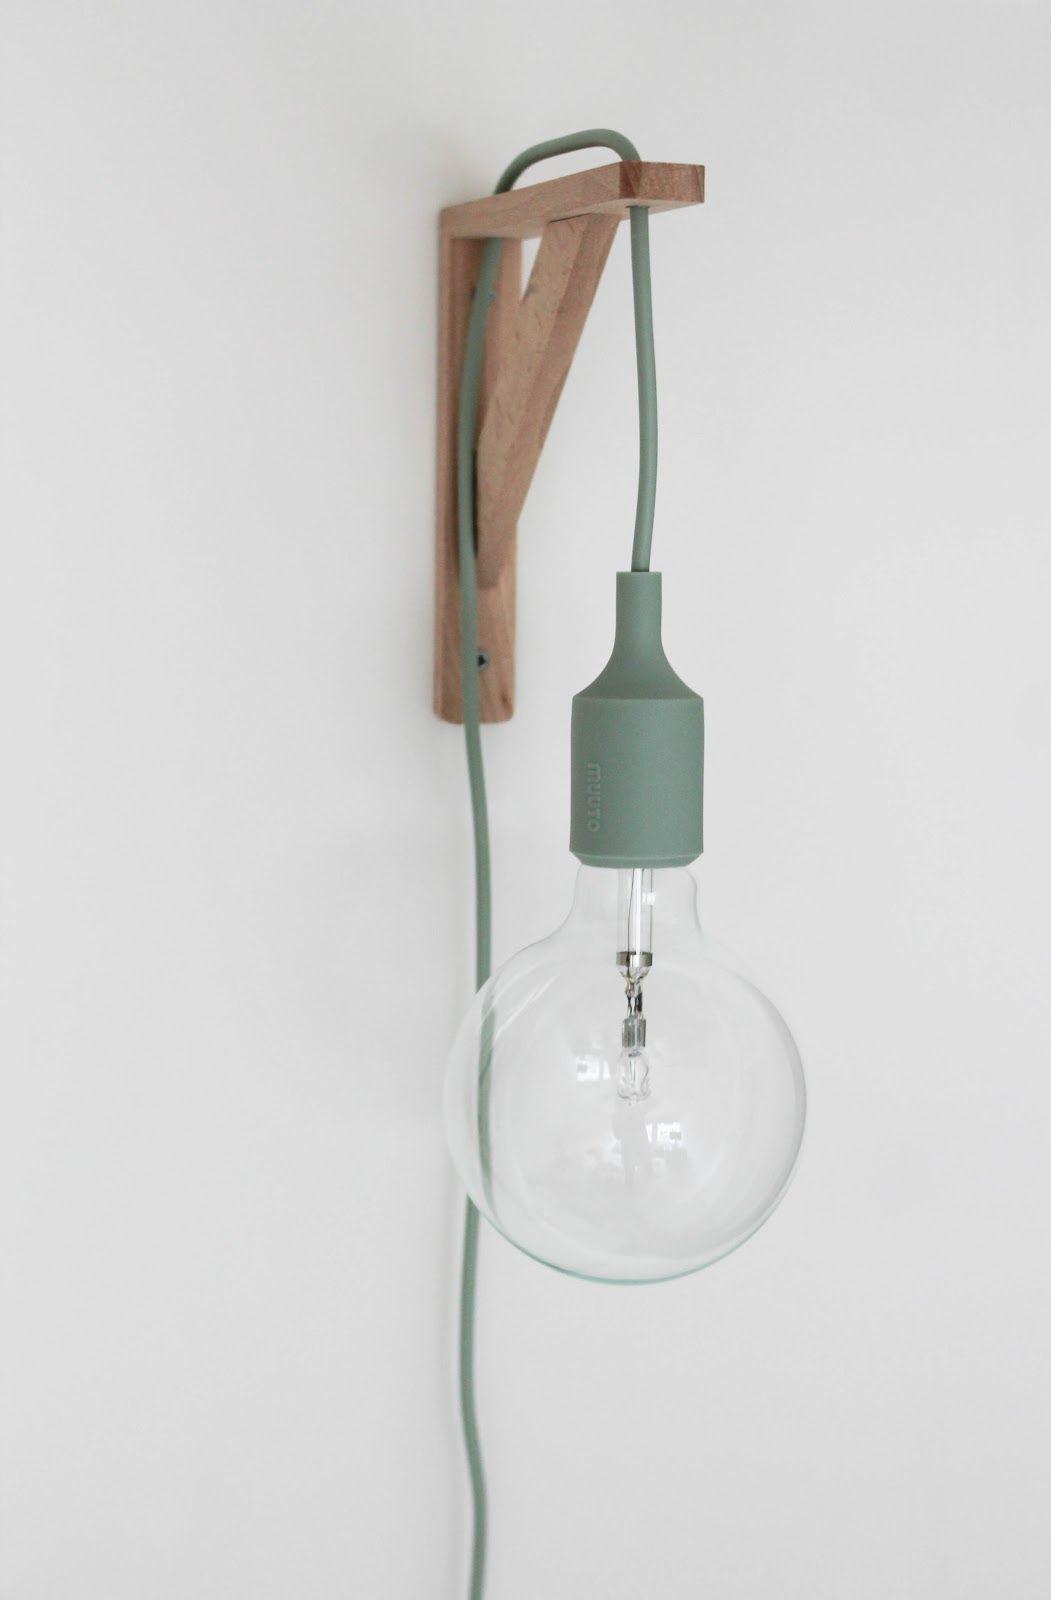 Pin af Line landsholt på interior | Moderne køkken, Køkken